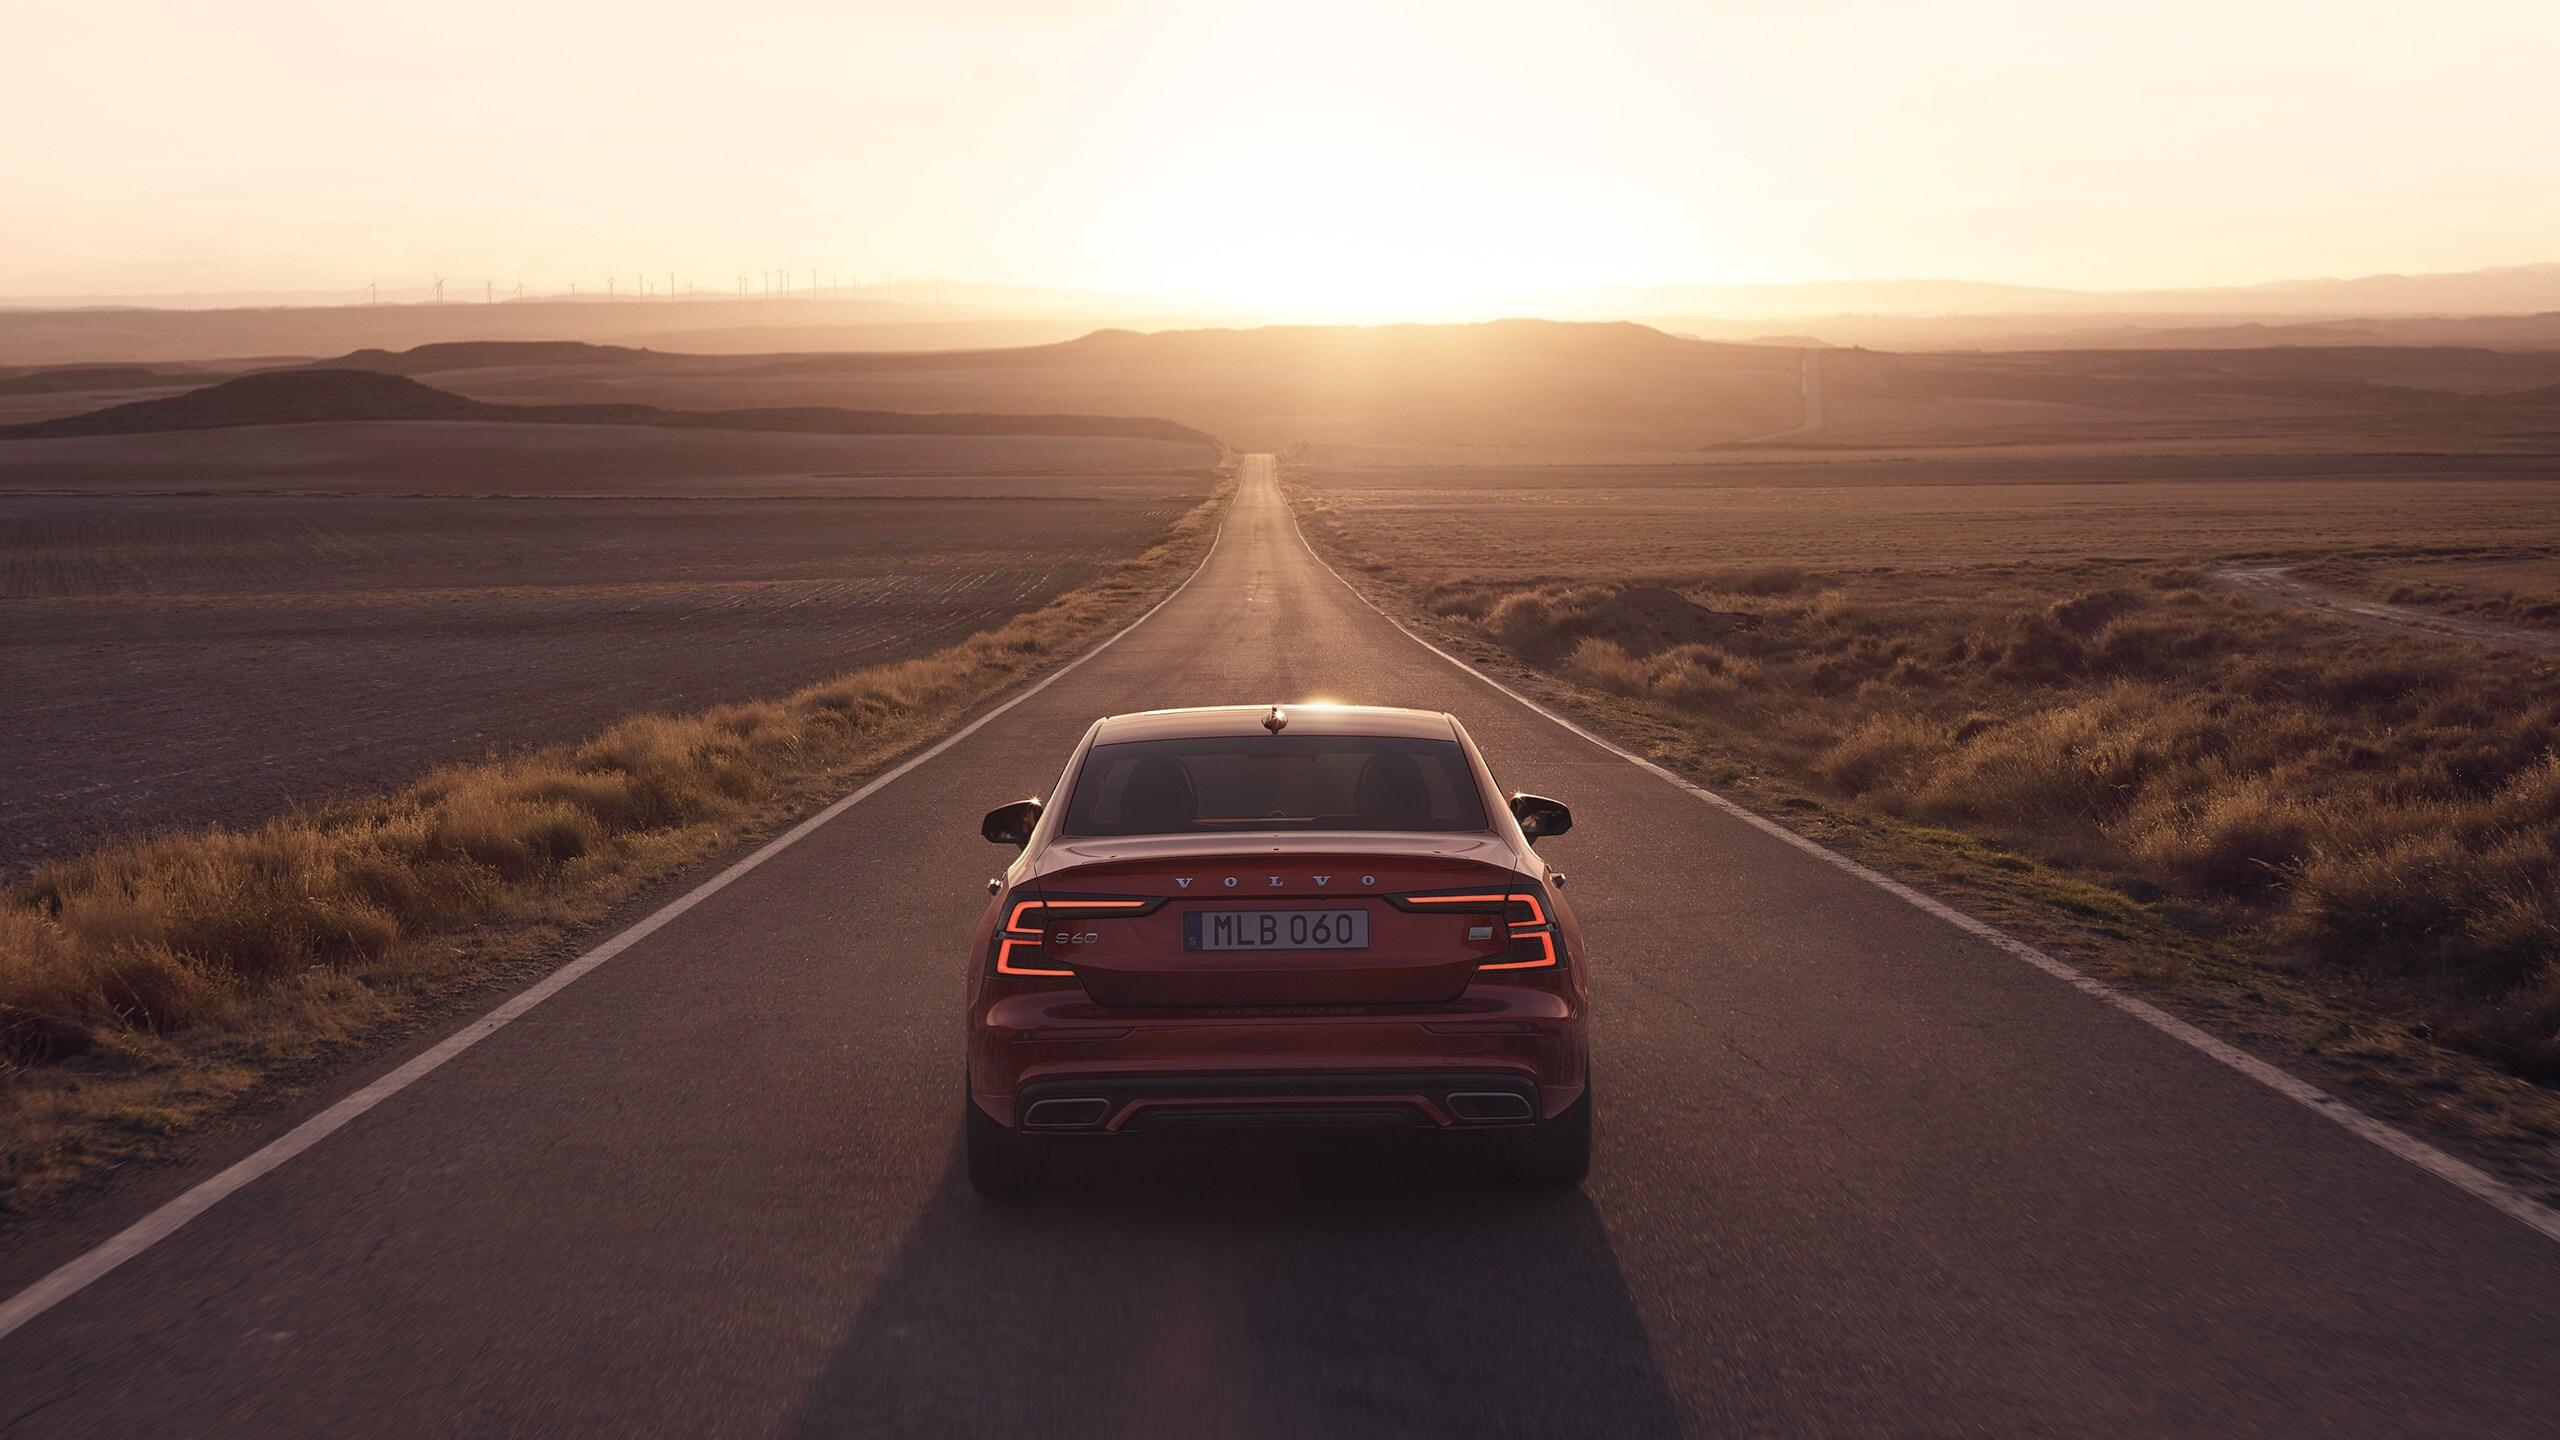 Црвен Volvo S60 Recharge што вози по пат на зајдисонце.